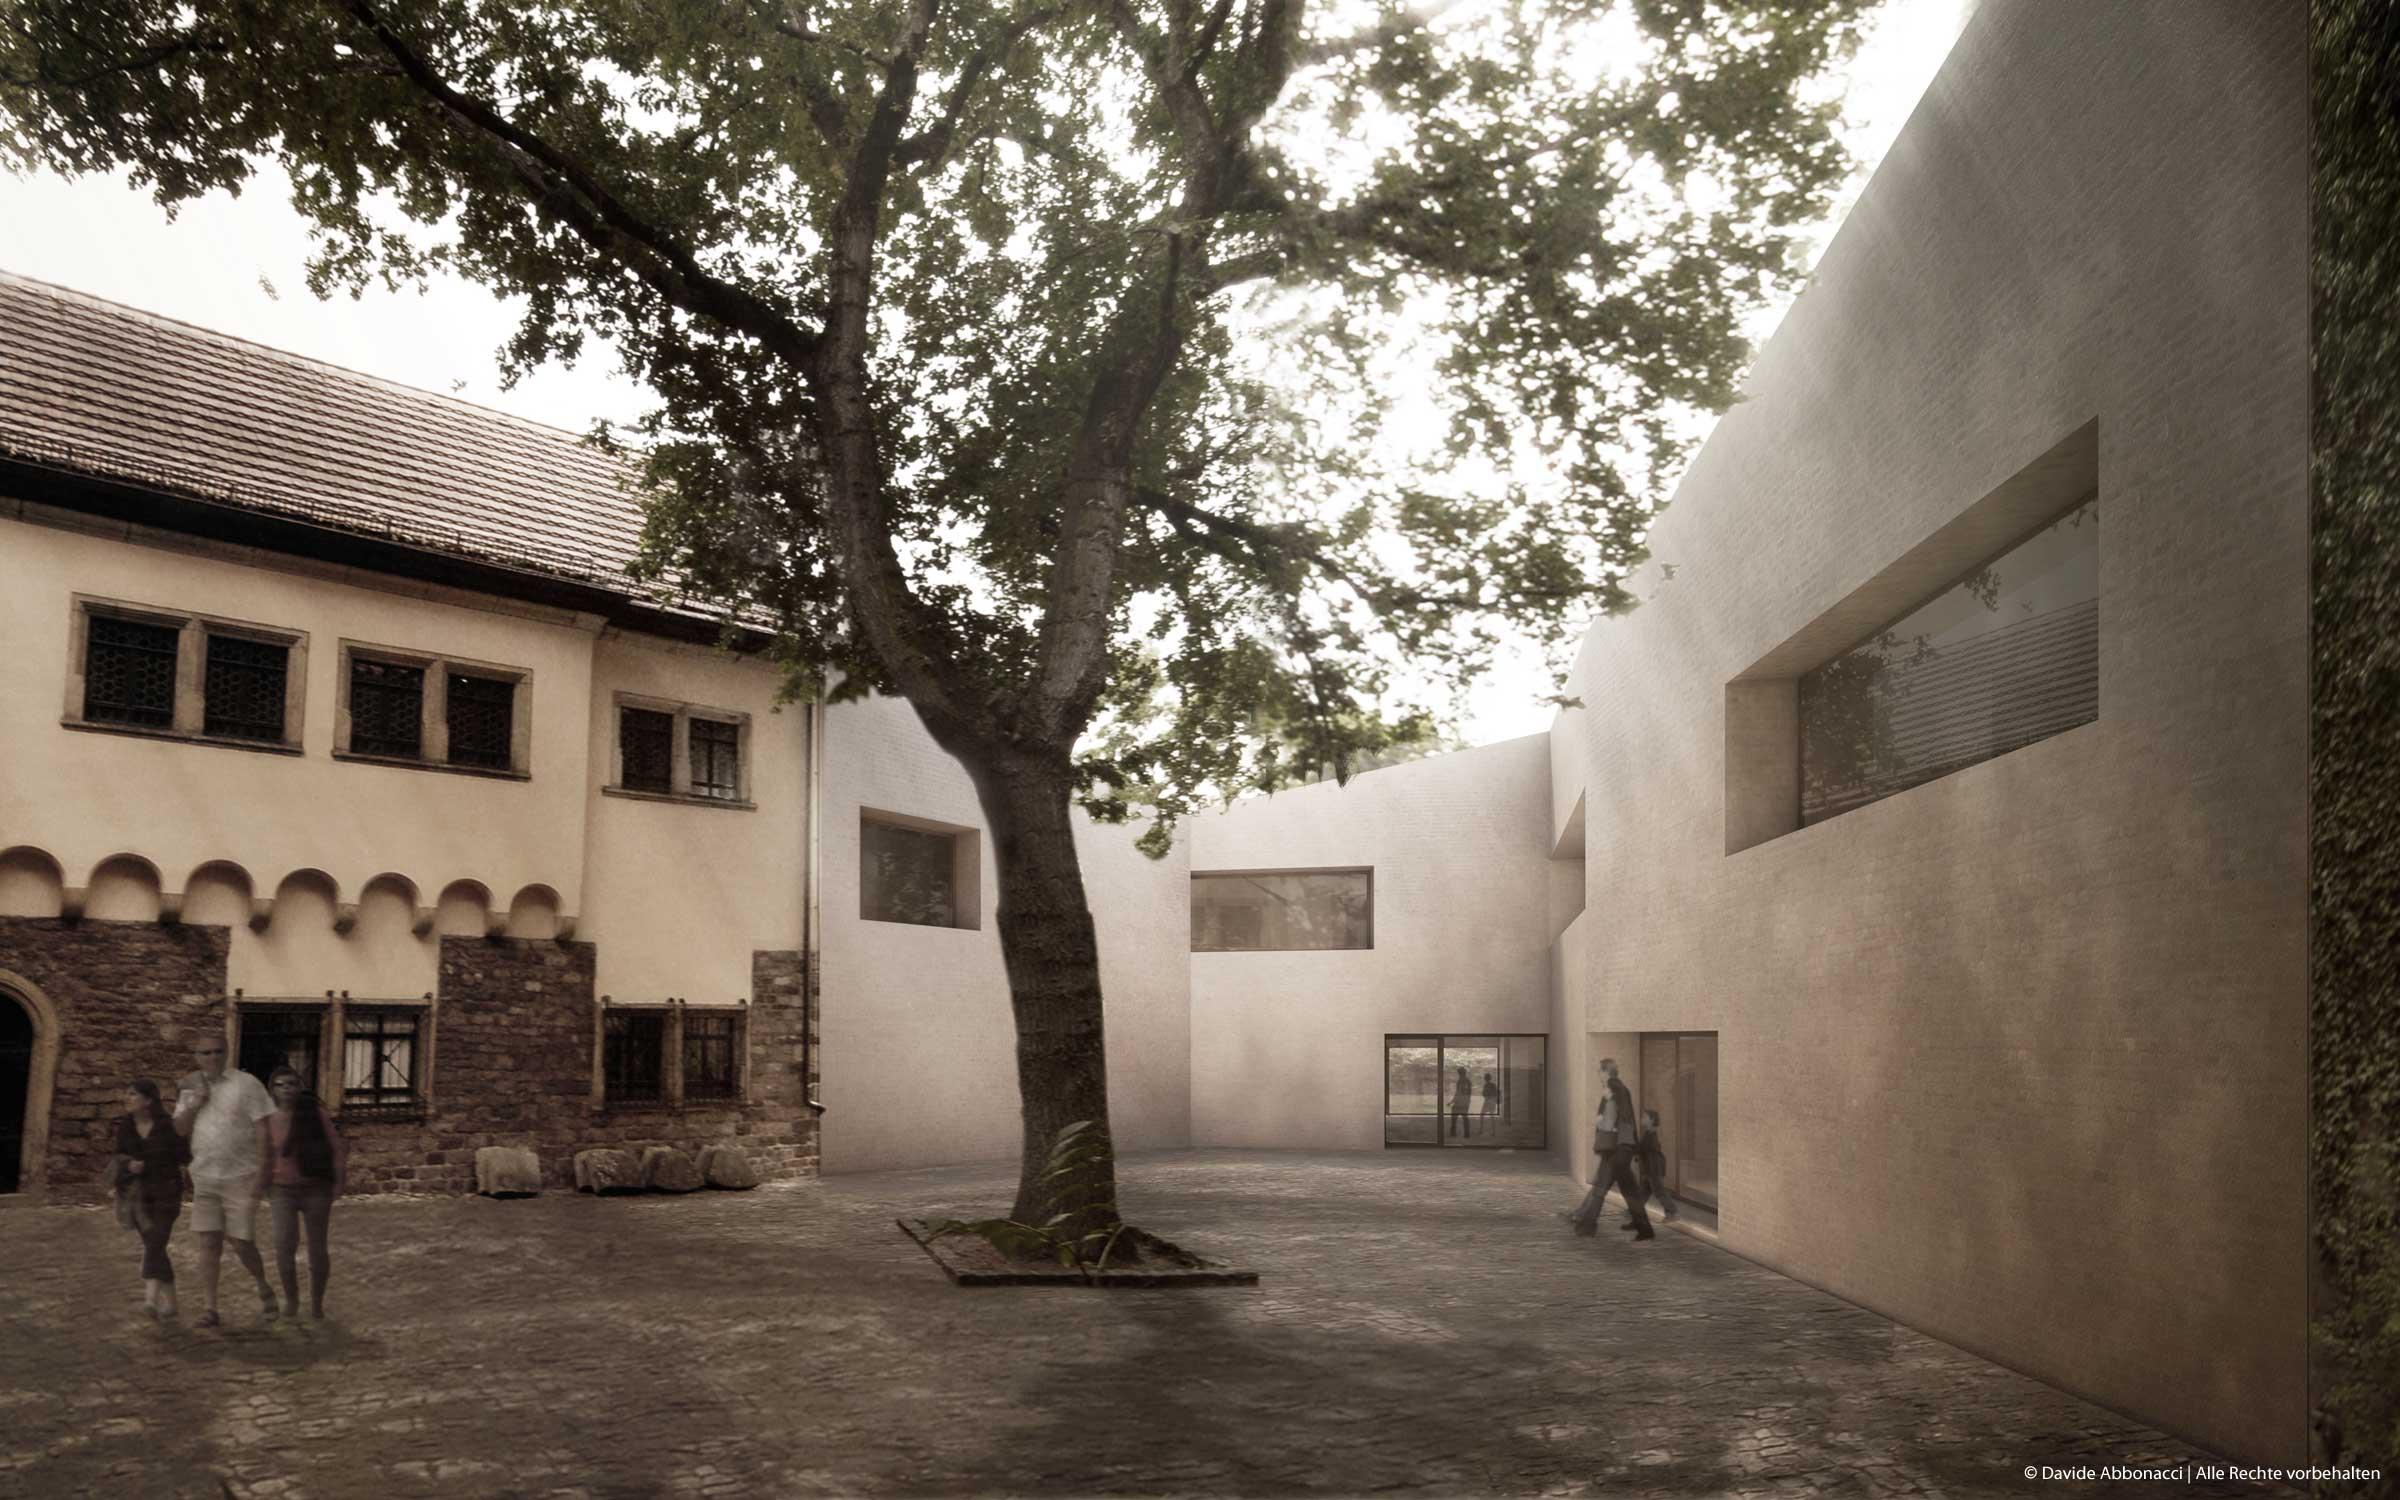 Martin Luther Sterbehaus, Eisleben   Bruno Fioretti Marquez Architekten   2009 Wettbewerbsvisualisierung   2. Preis